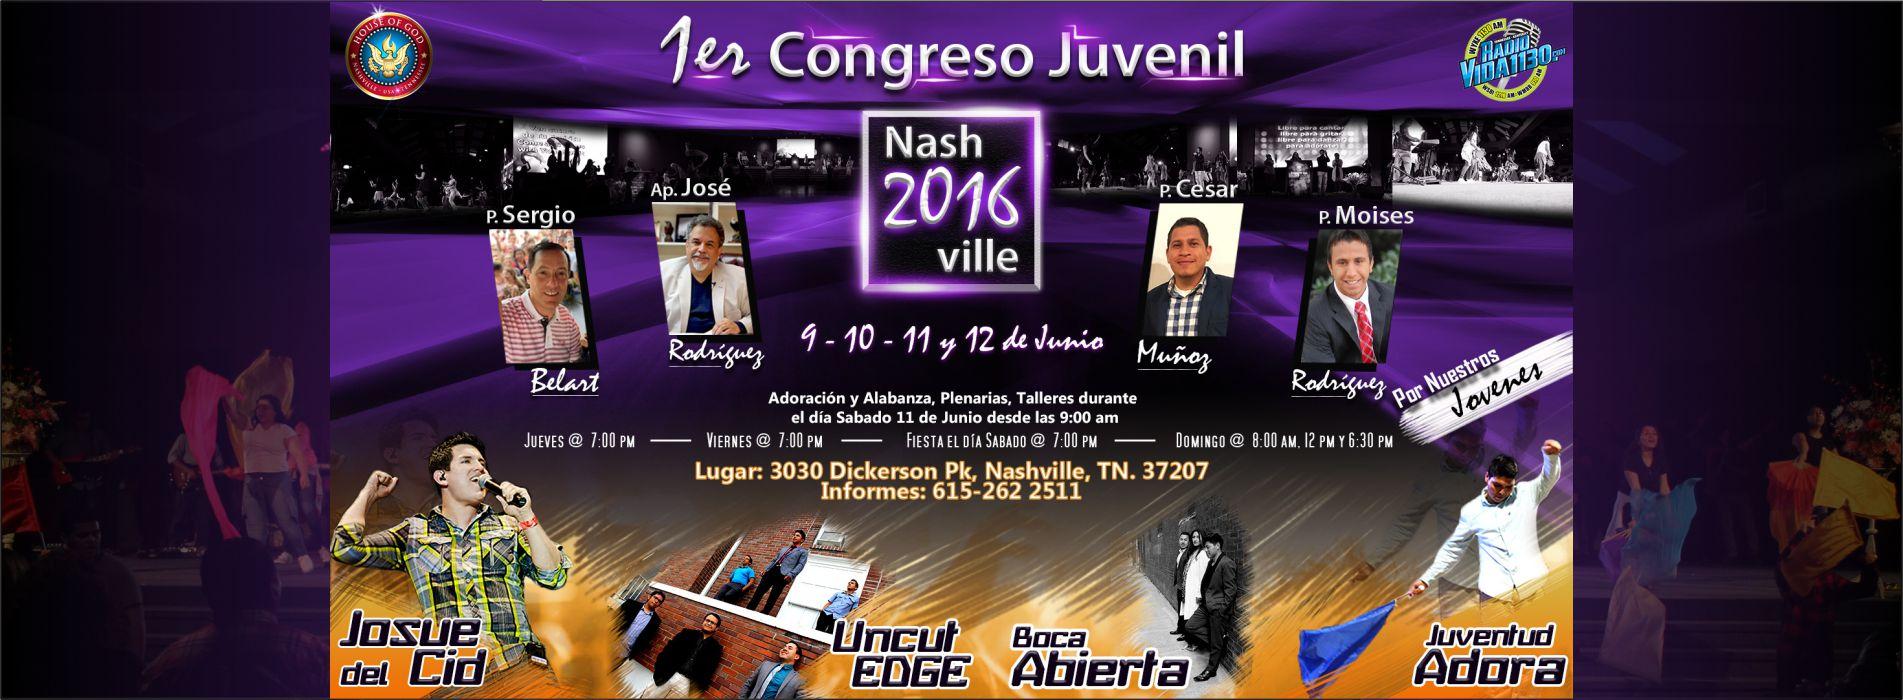 flyercongreso2016